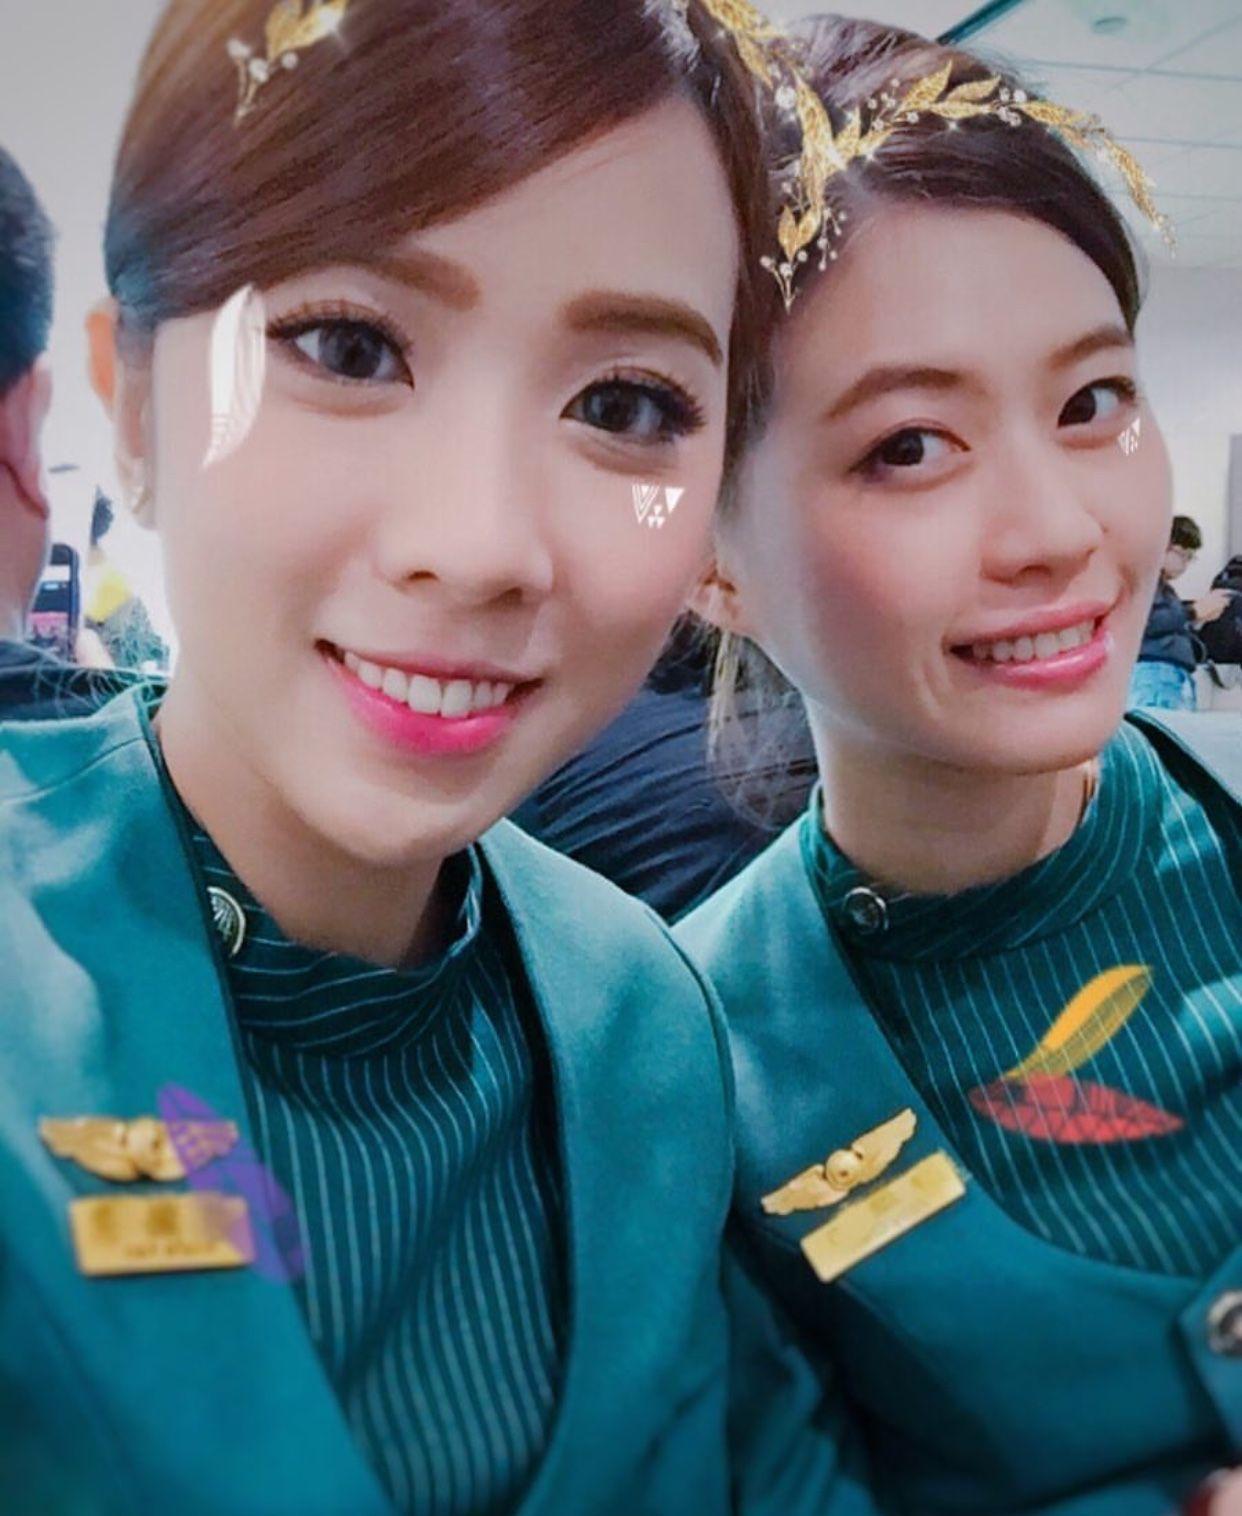 【Taiwan】EVA Air cabin crew (old uniform) / エバー航空 客室乗務員 旧制服